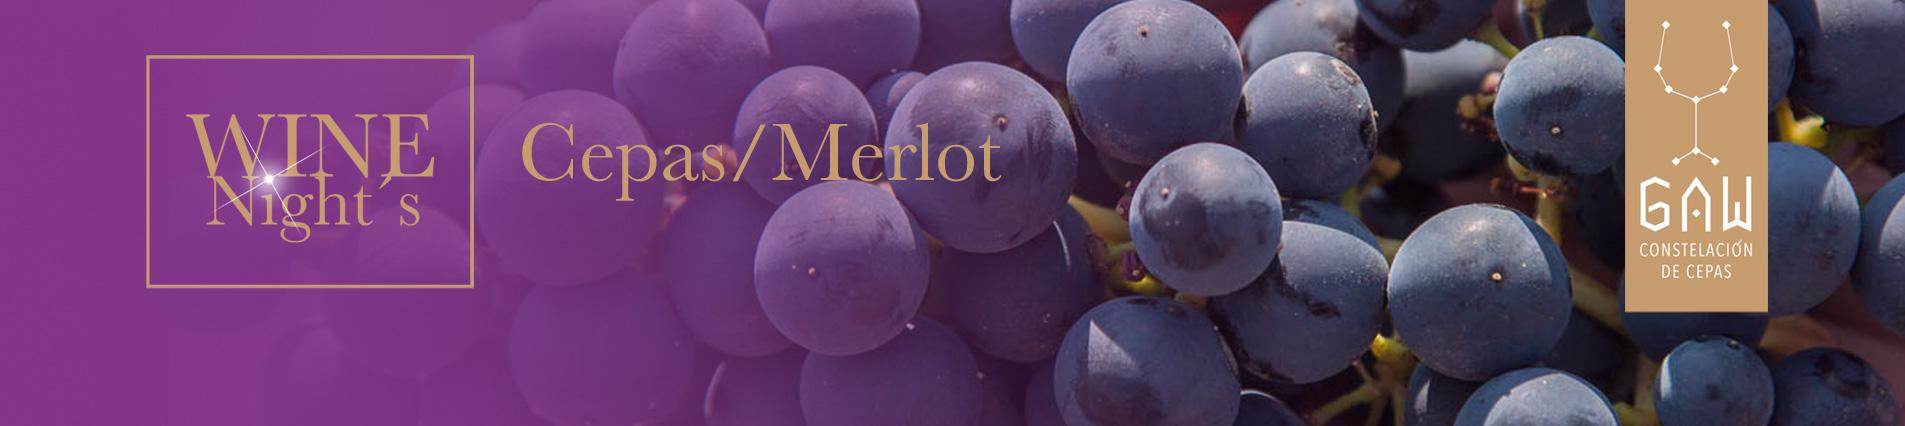 Cepas Merlot